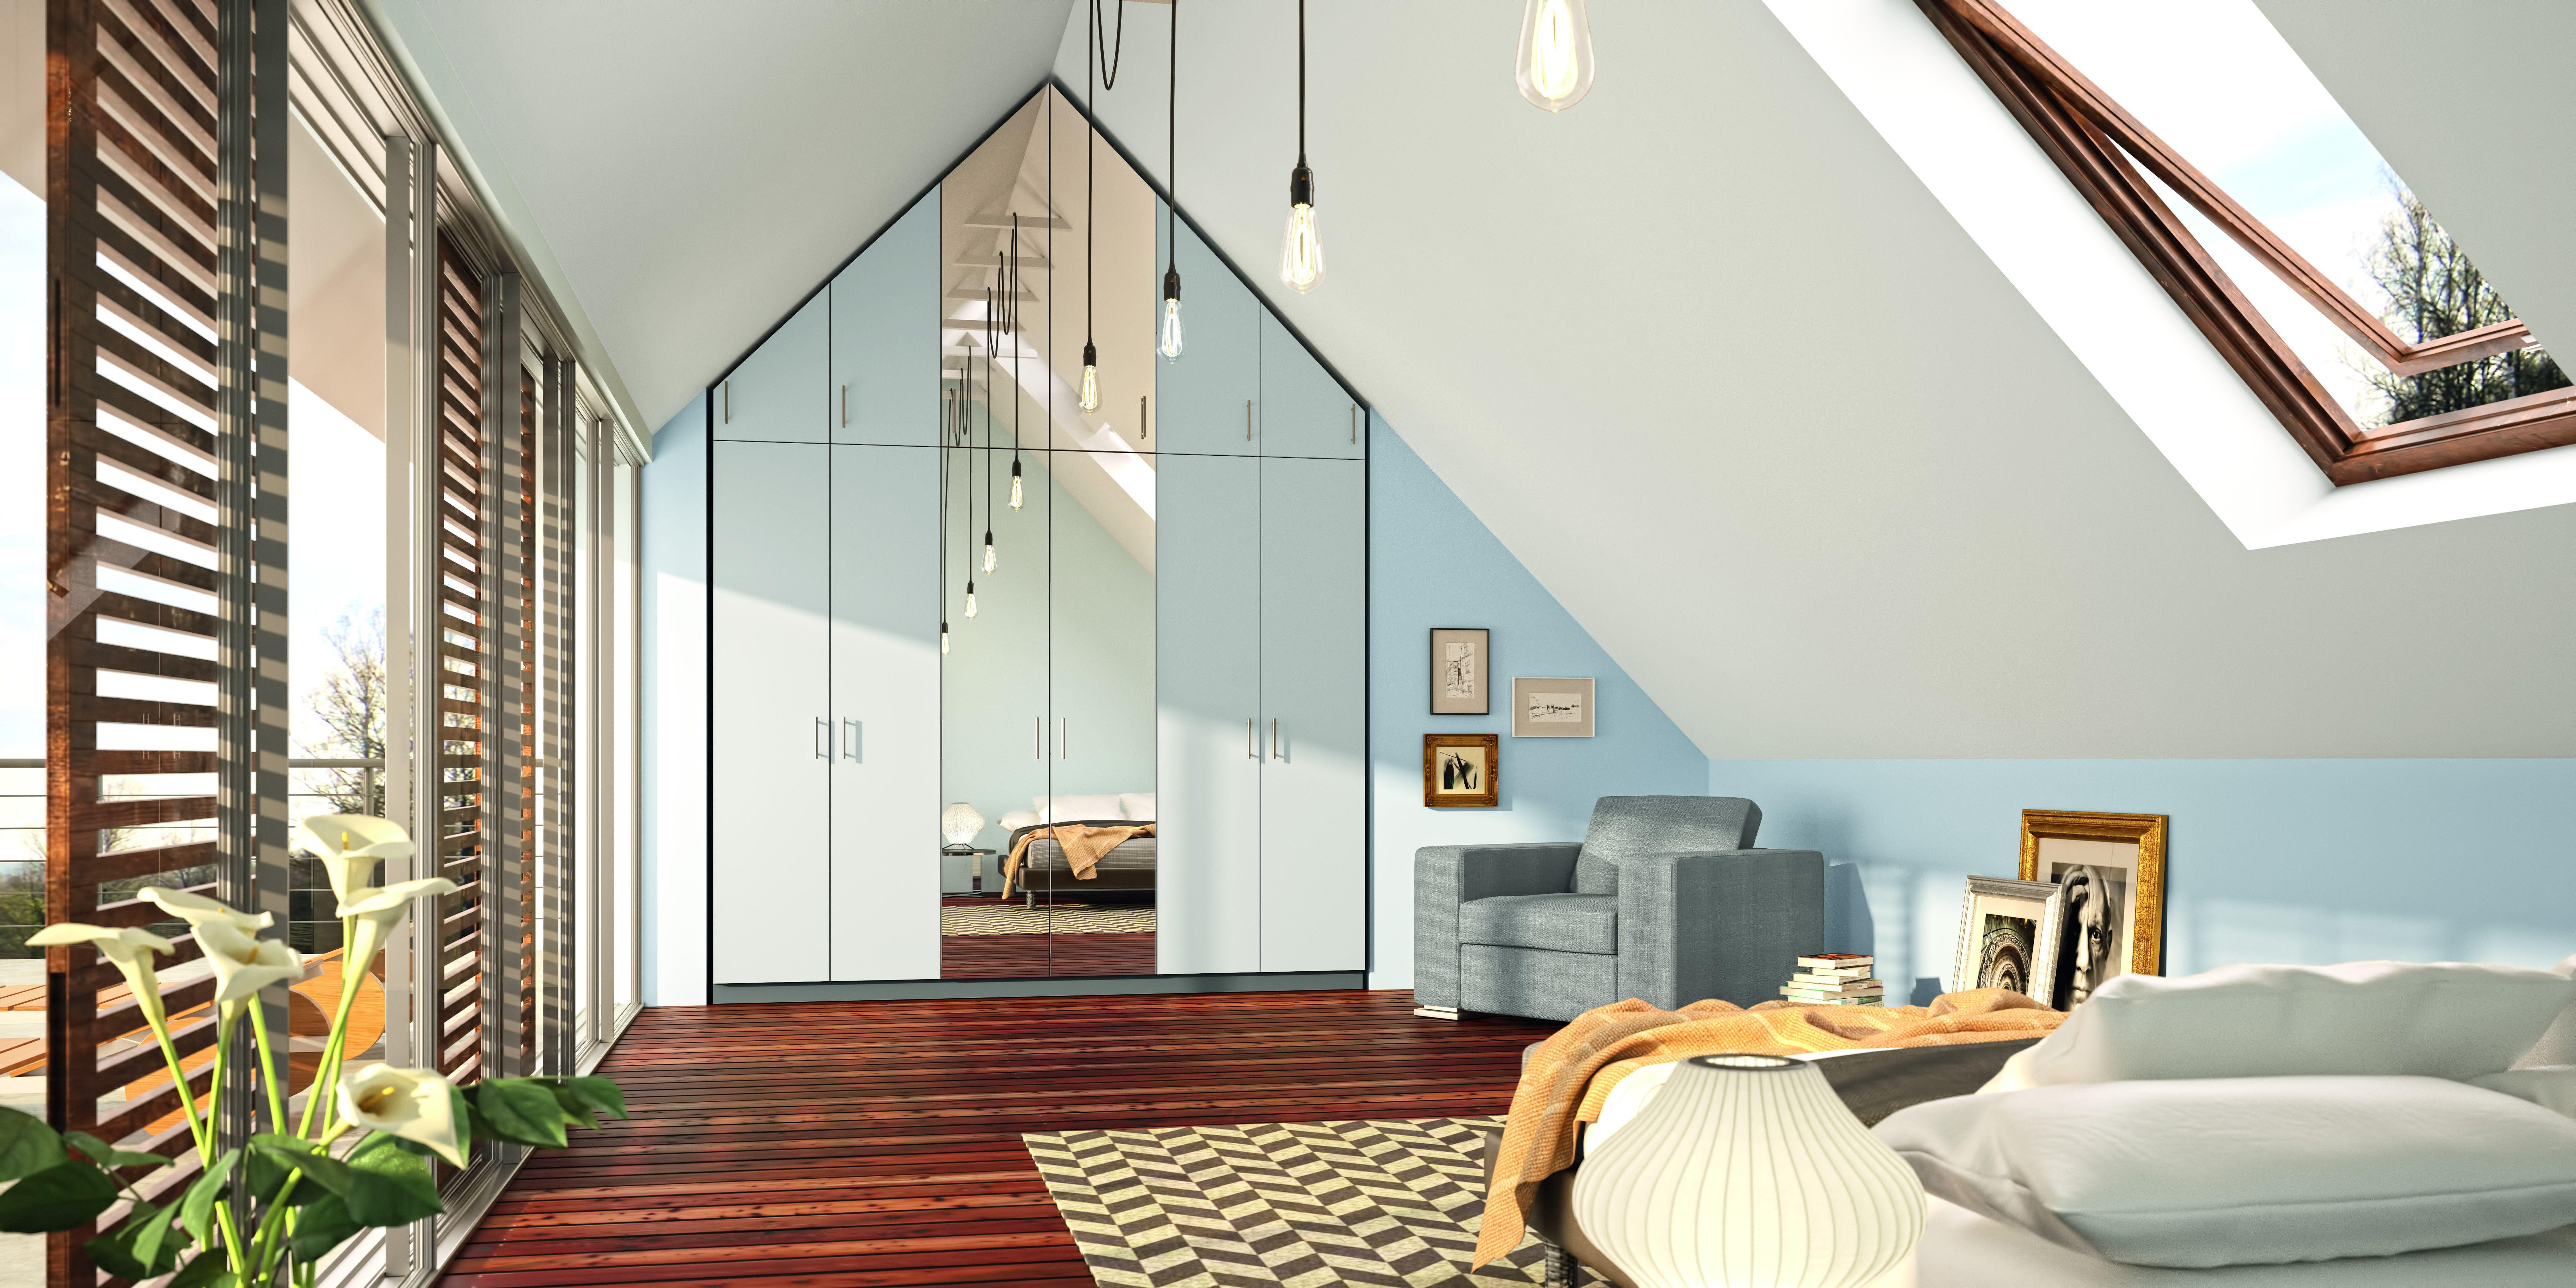 Kleiderschränke Mit Schräge Können Passend Bis Unter Das Dach Konfiguriert  Werden. Bei Besonders Hohen Decken